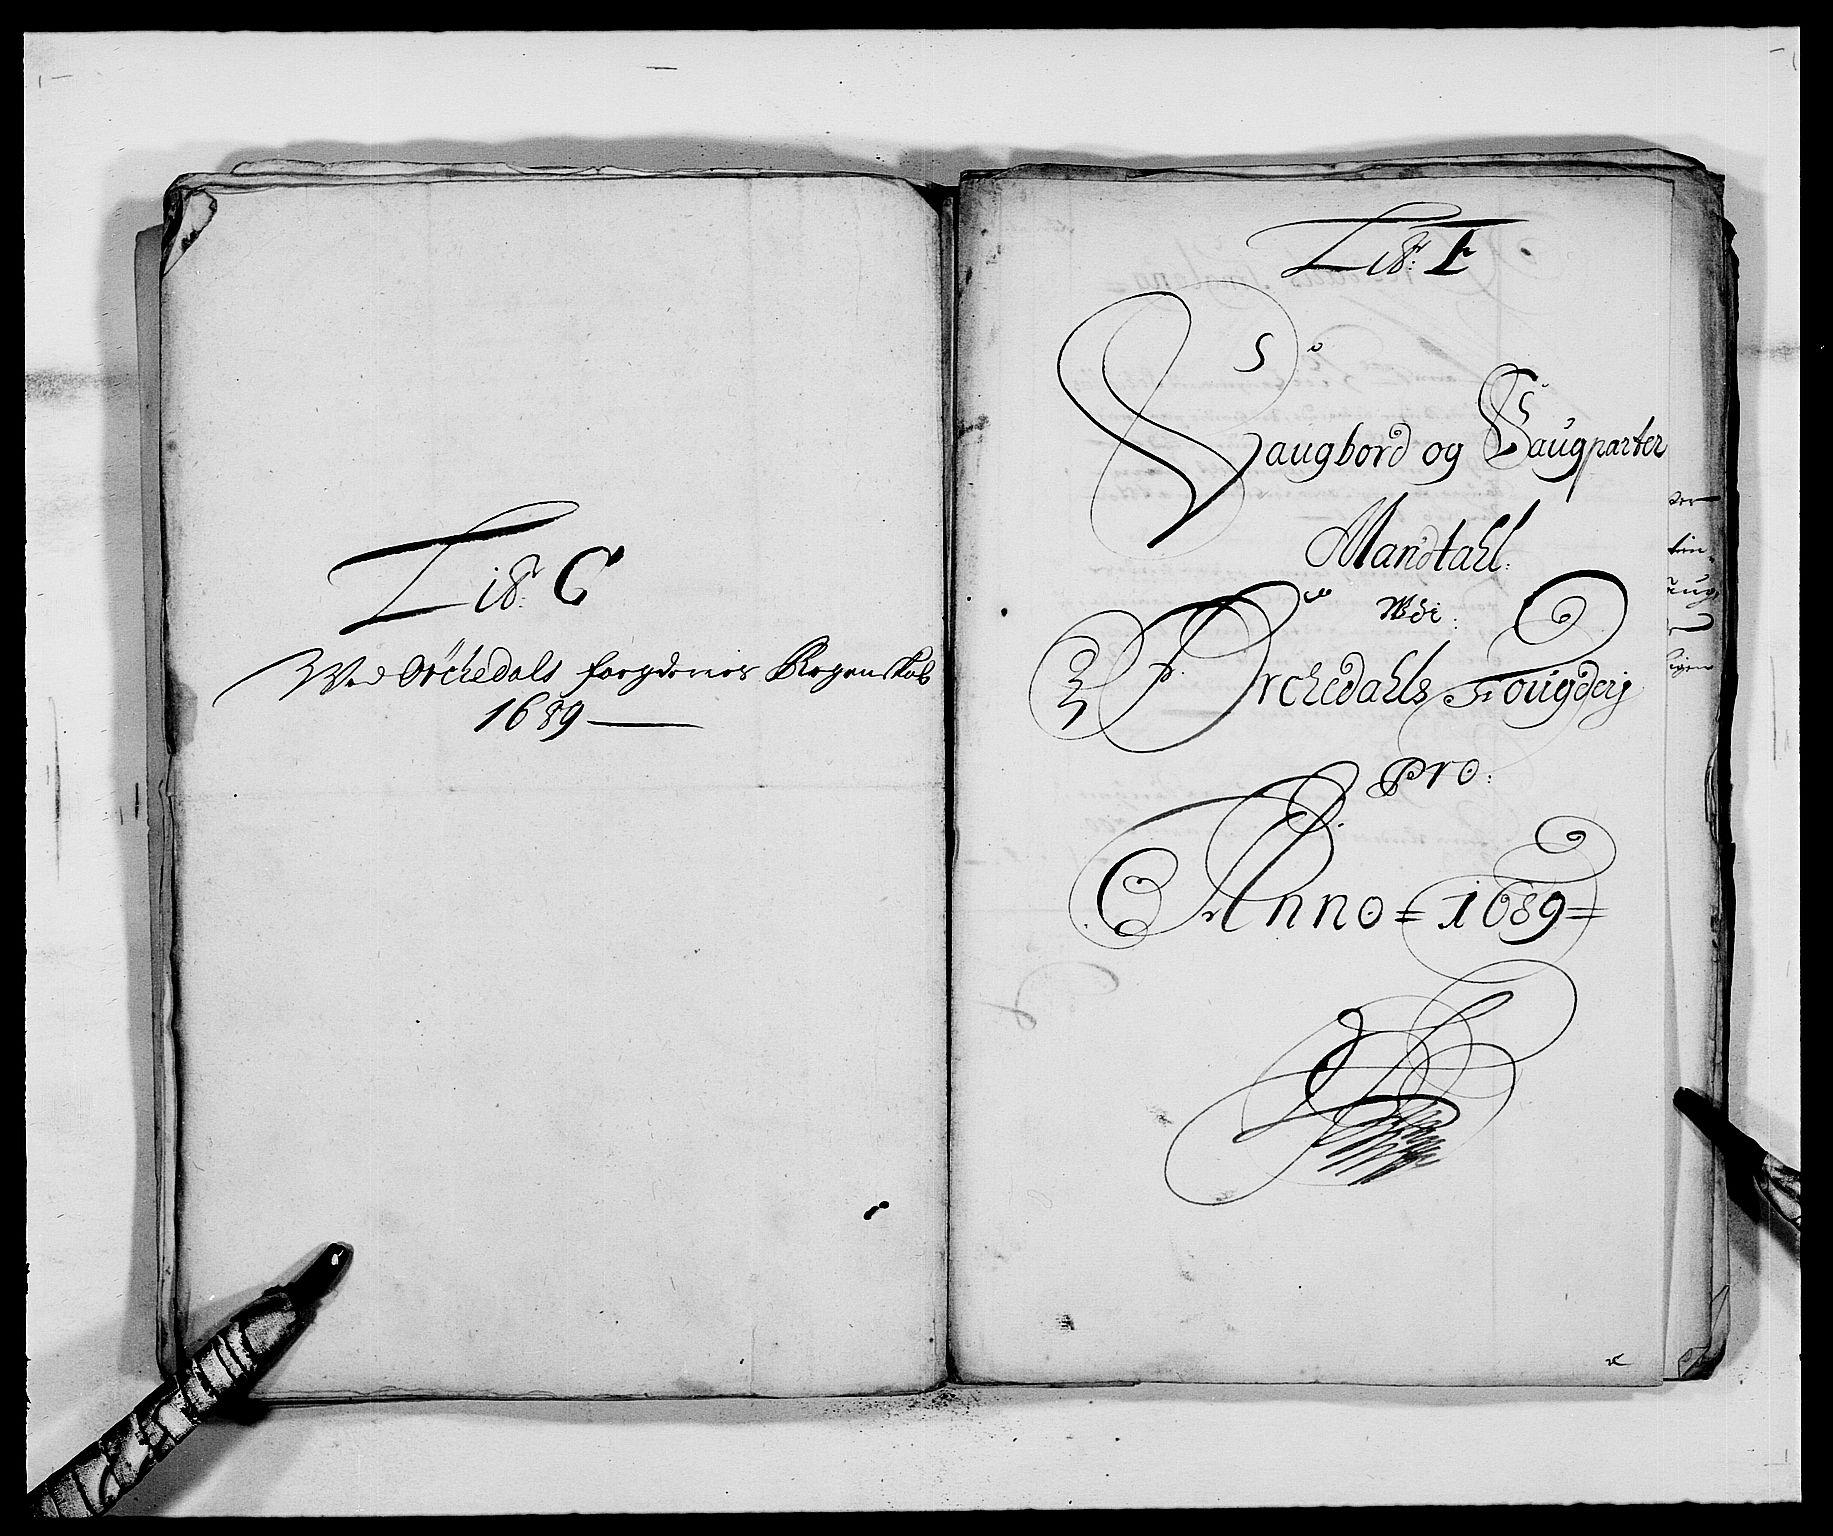 RA, Rentekammeret inntil 1814, Reviderte regnskaper, Fogderegnskap, R58/L3936: Fogderegnskap Orkdal, 1689-1690, s. 66